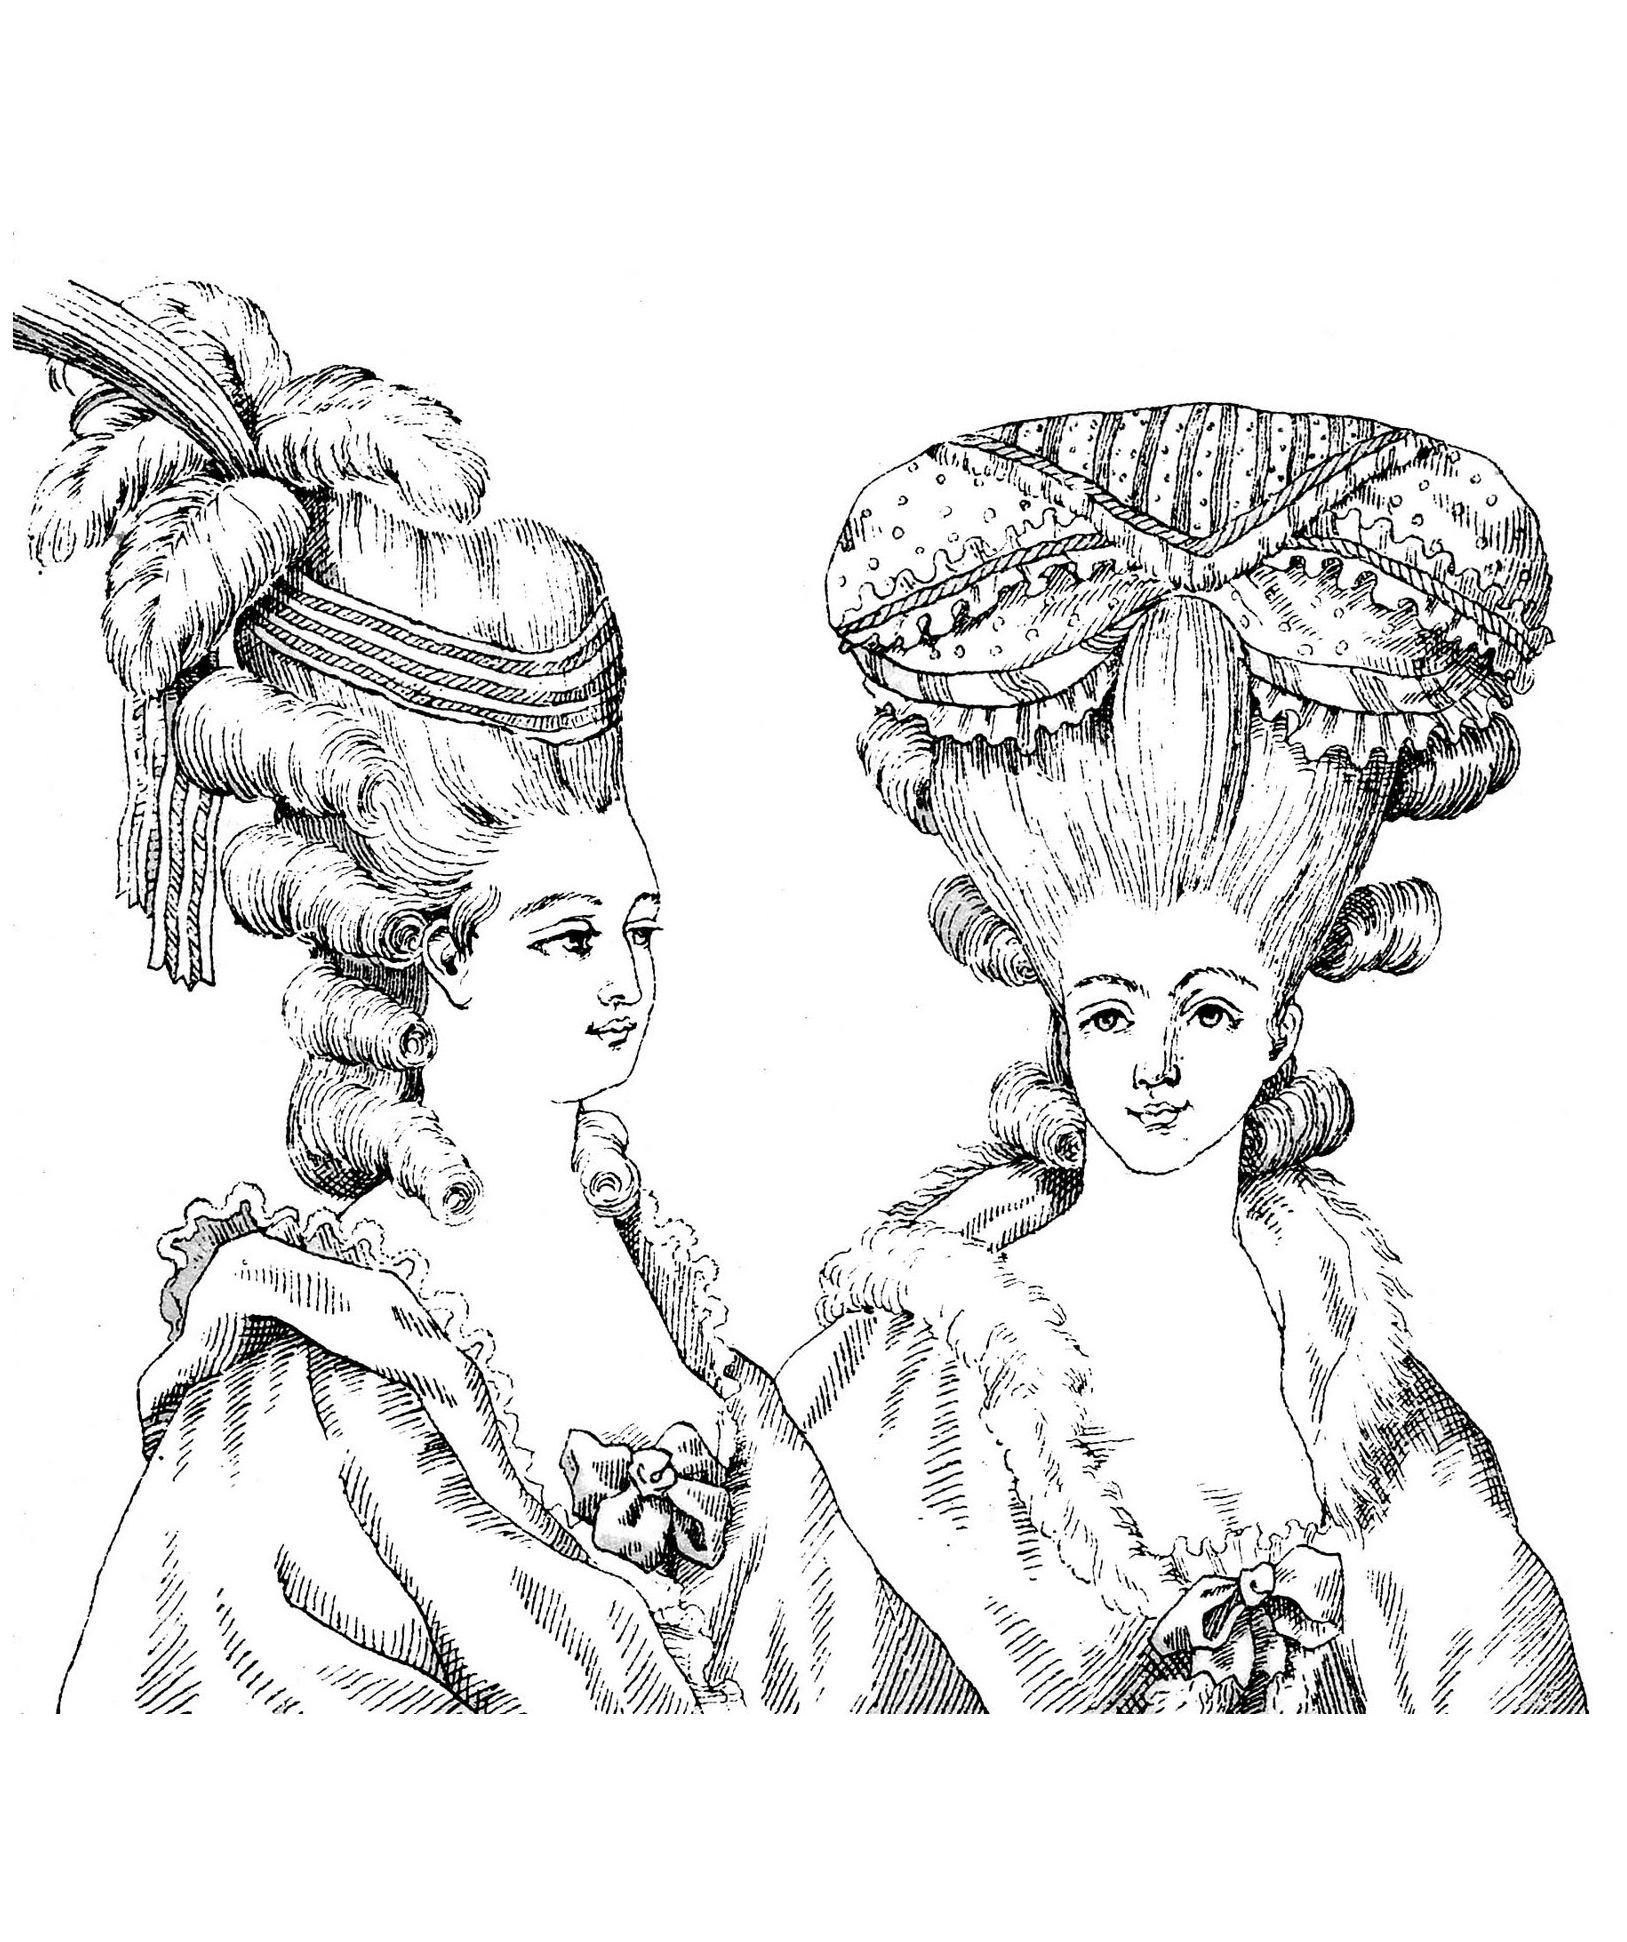 Disegni da colorare per adulti : Re e regine - 14